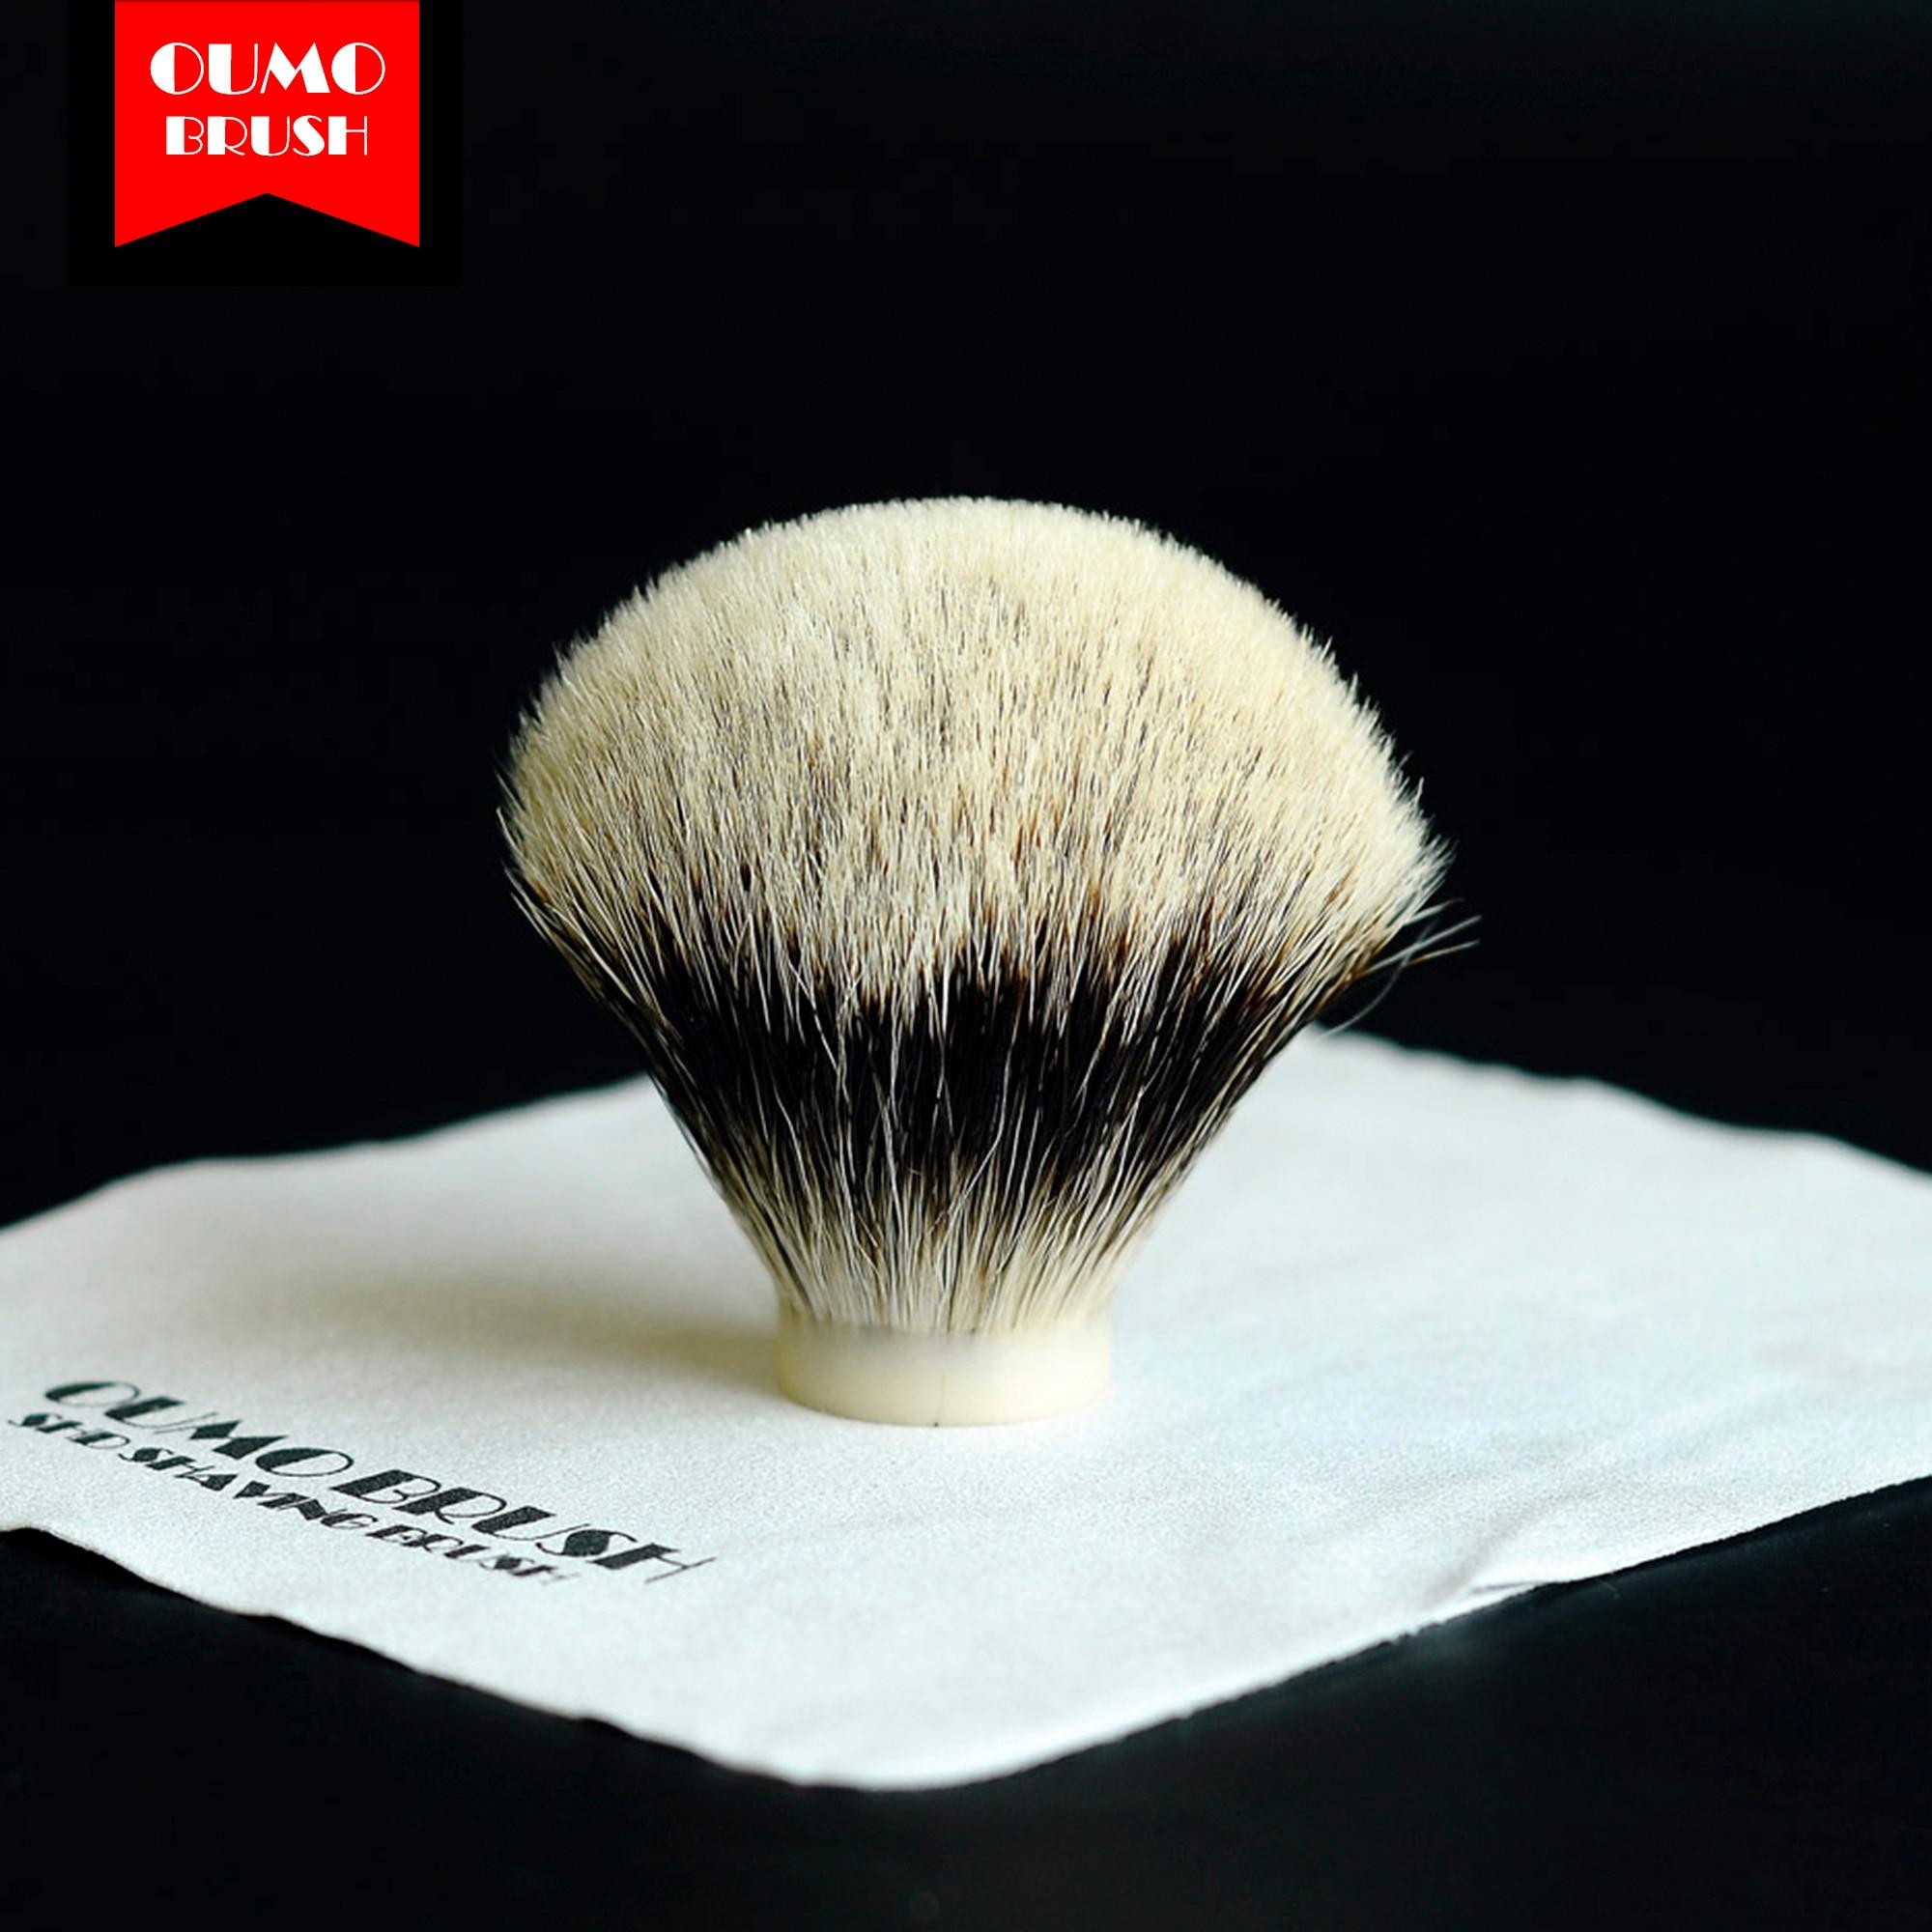 OUMO BRUSH-SHD WT(White Tip) Finest Two Band Fan Bulb Badger Hair Knots Gel Tip Shaving Brush Knots